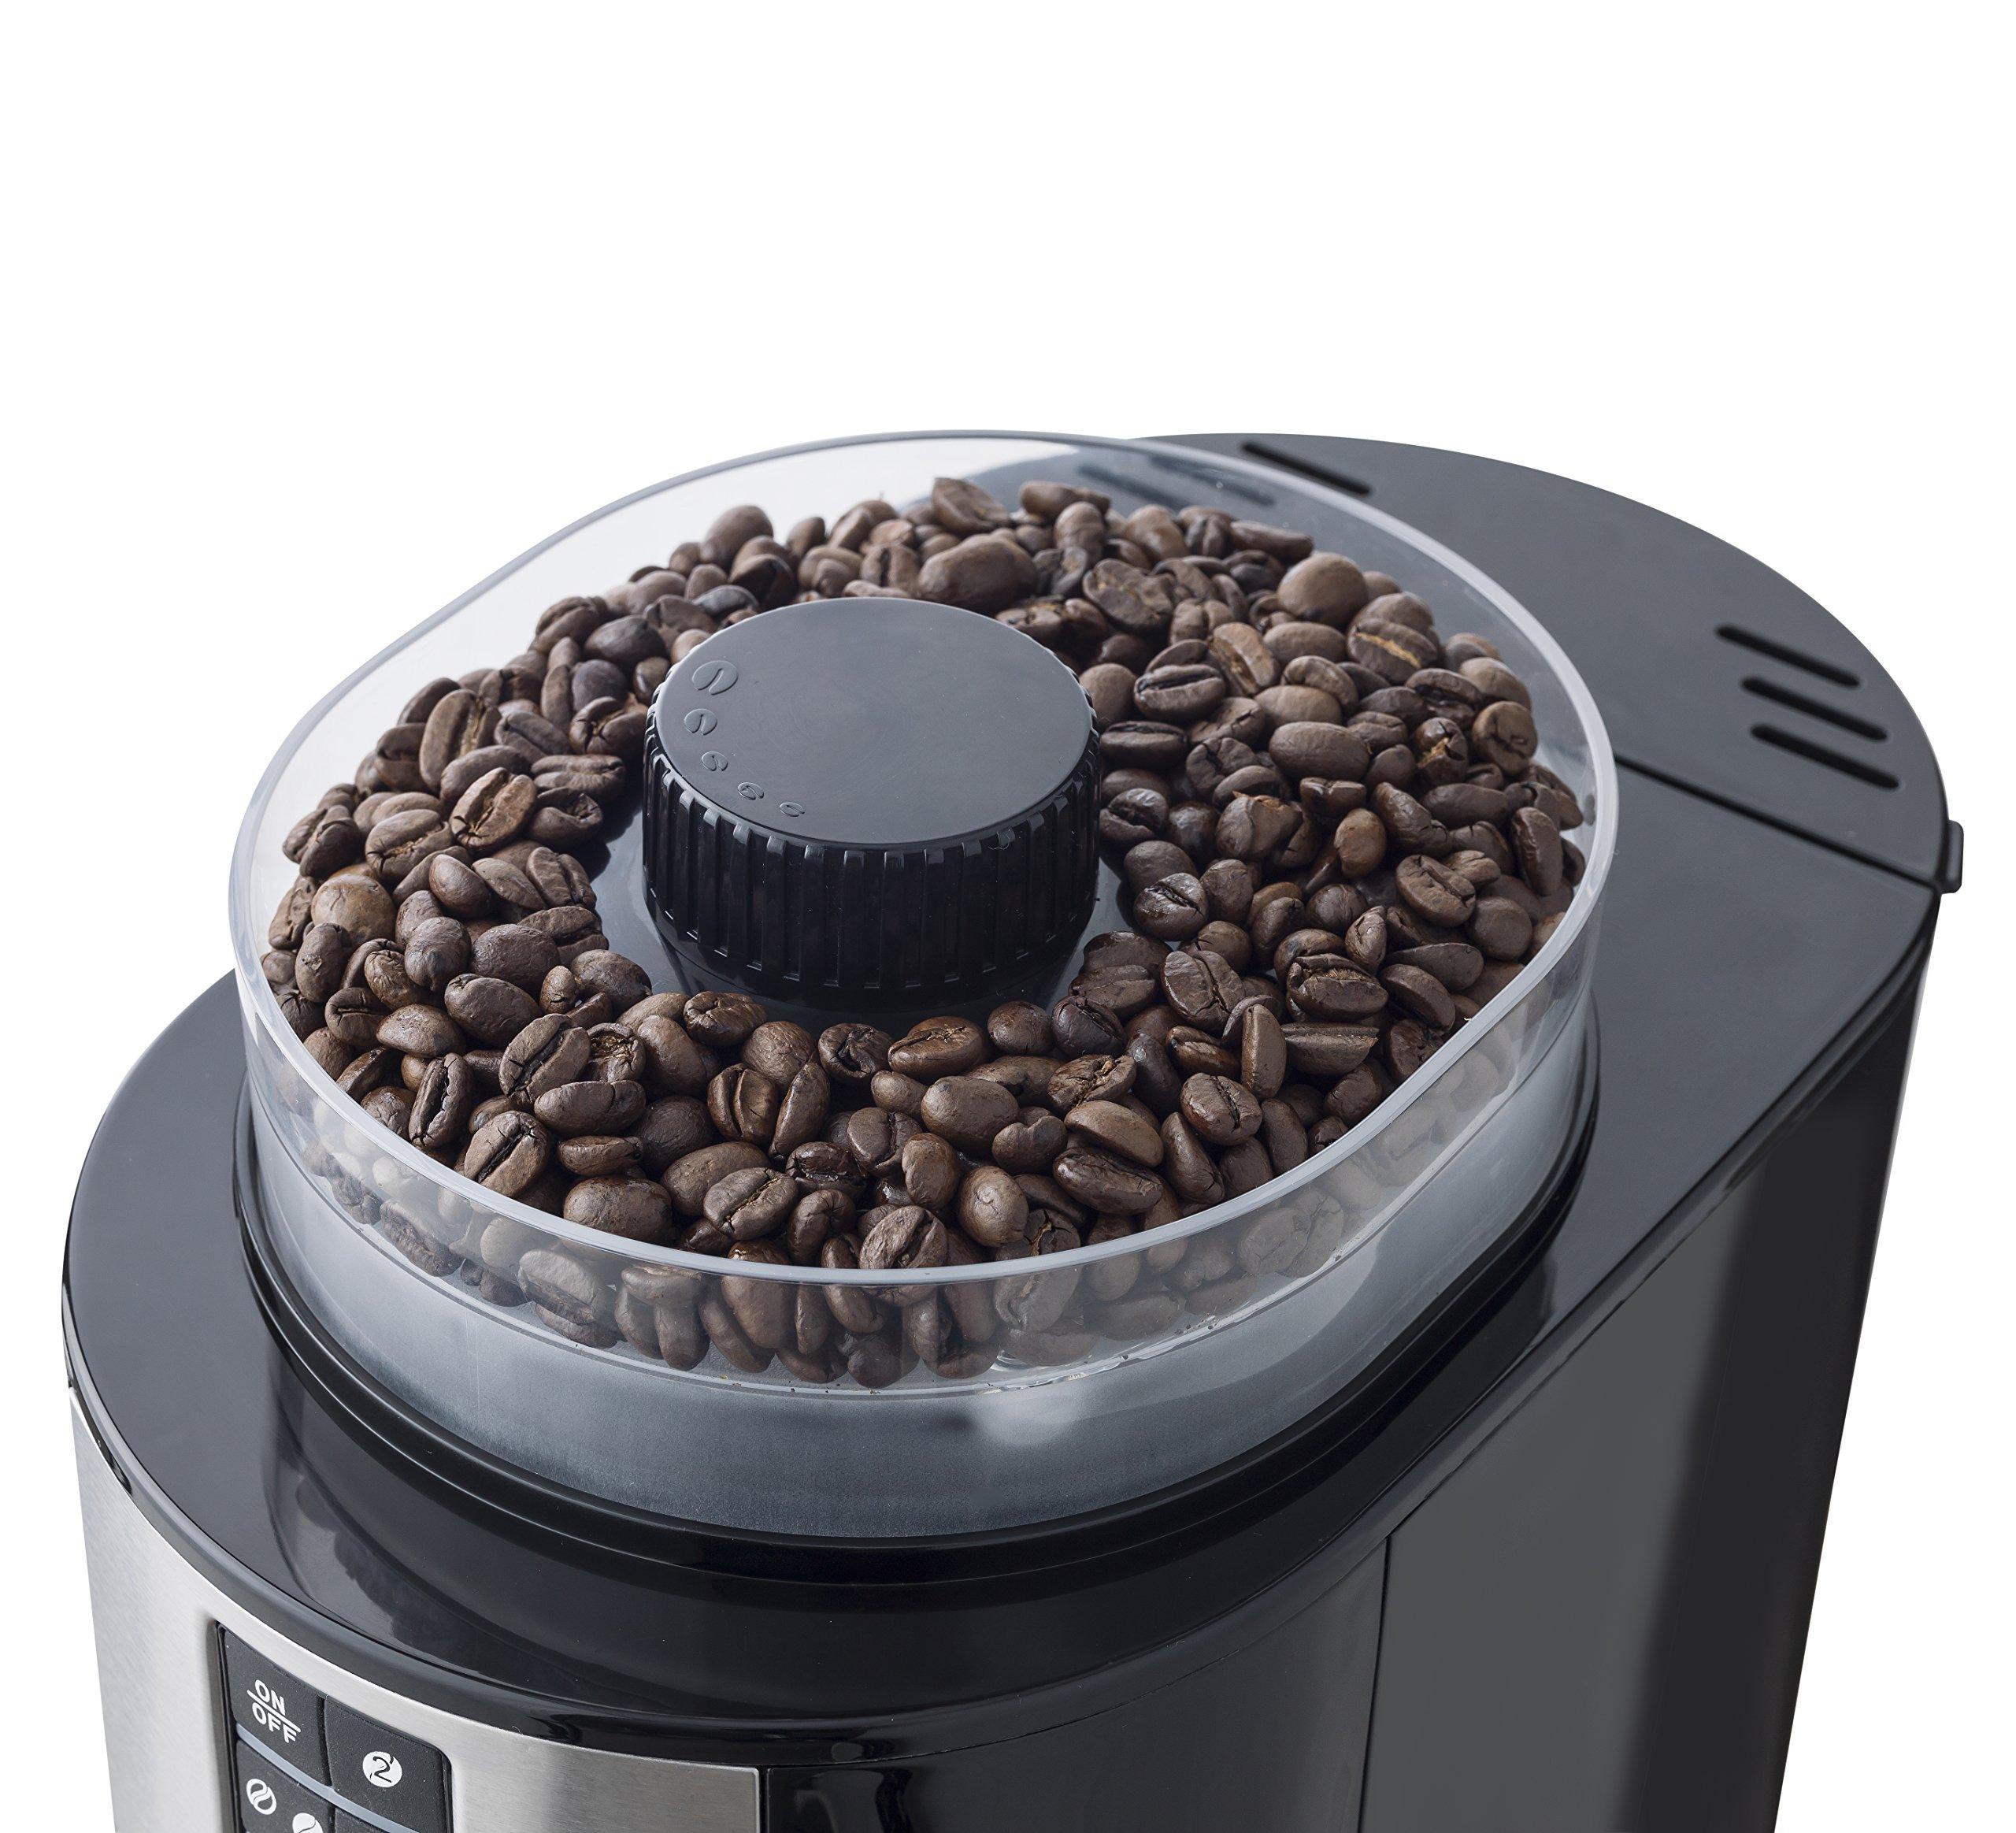 Bestron-ACM1100G-Kaffeemaschine-mit-Mahlwerk-820-Watt-max-bis-zu-6-Tassen